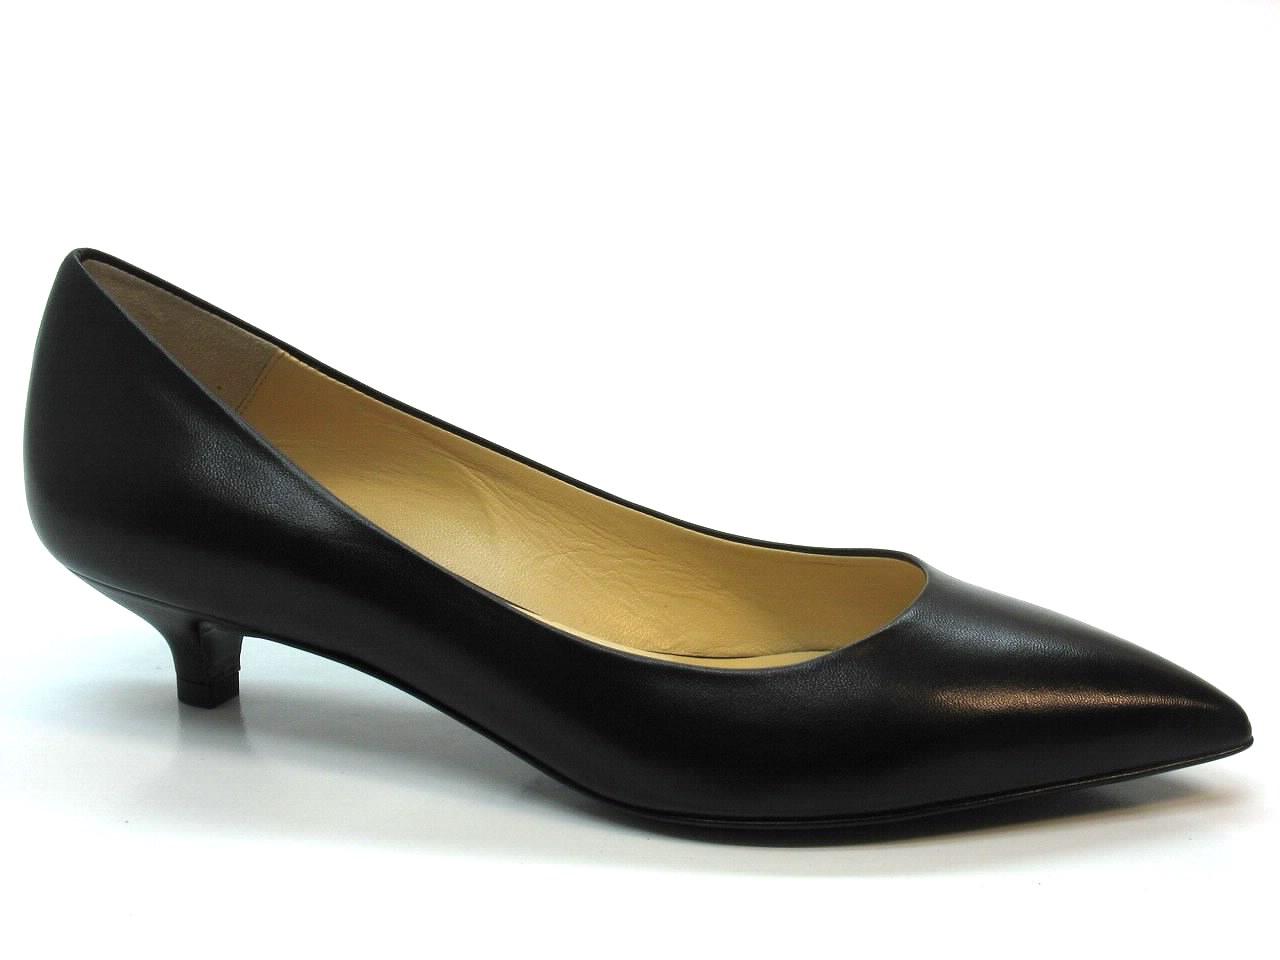 Zapatos Planos, Sabrinas, Mocassins Vannel - 001 7855